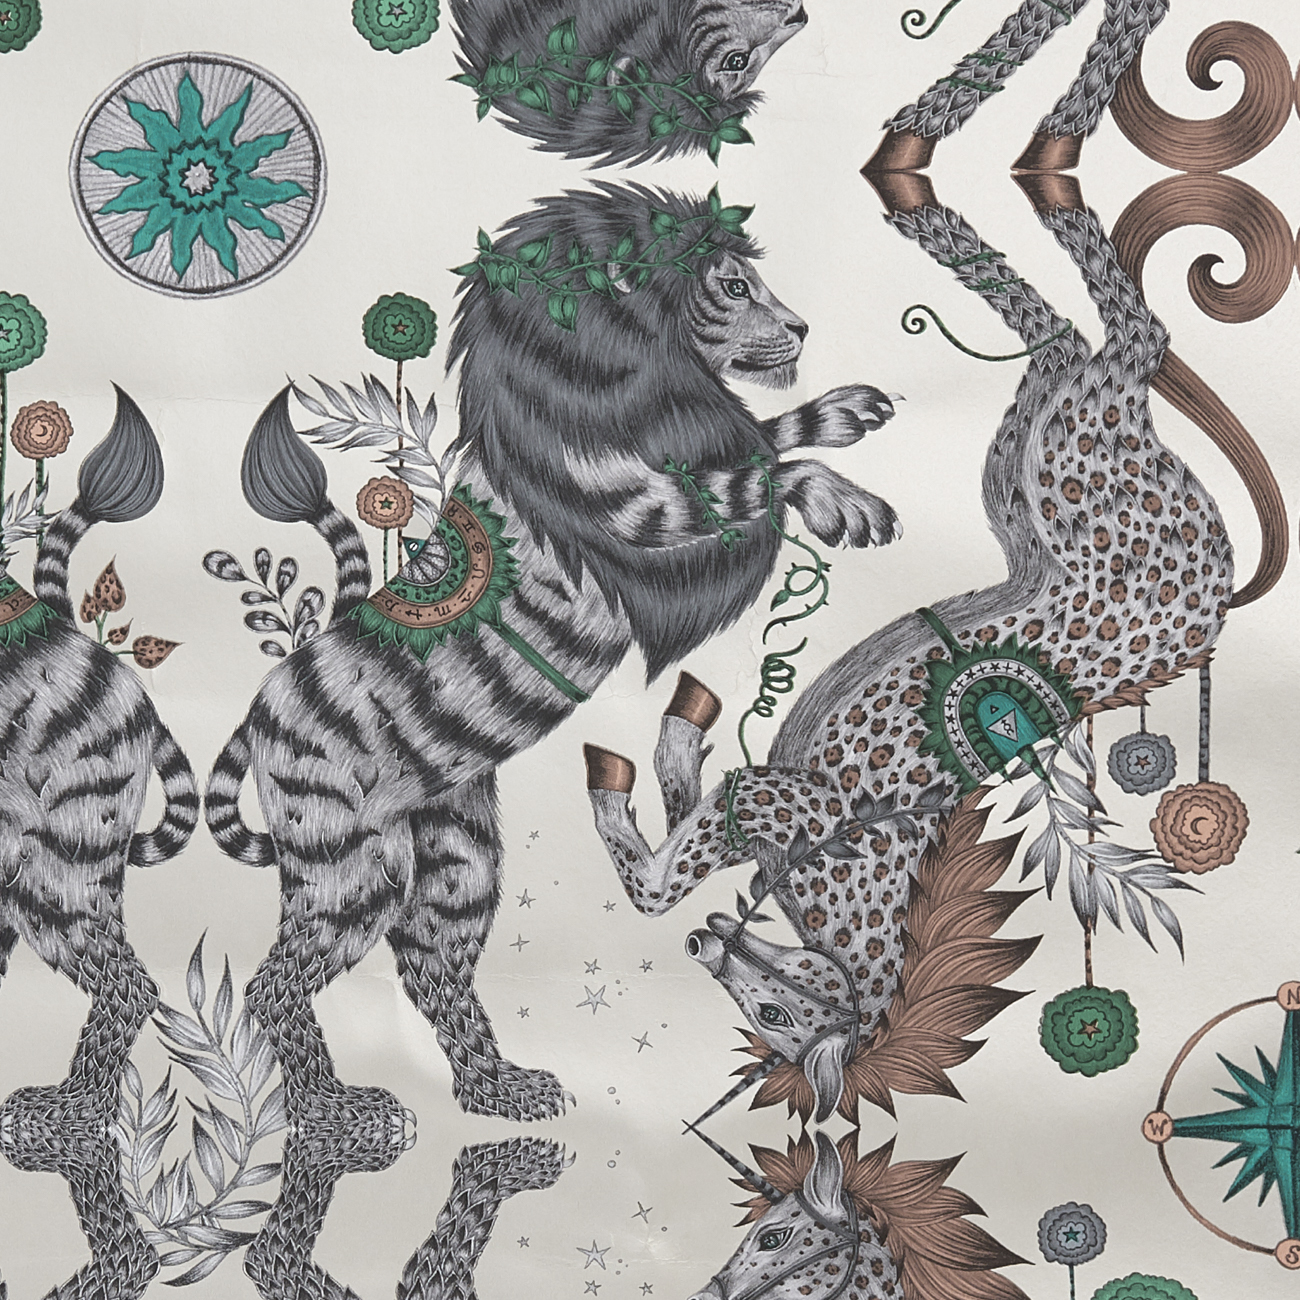 ОБОИ CLARKE & CLARKE WILDERIE арт. W0113-02